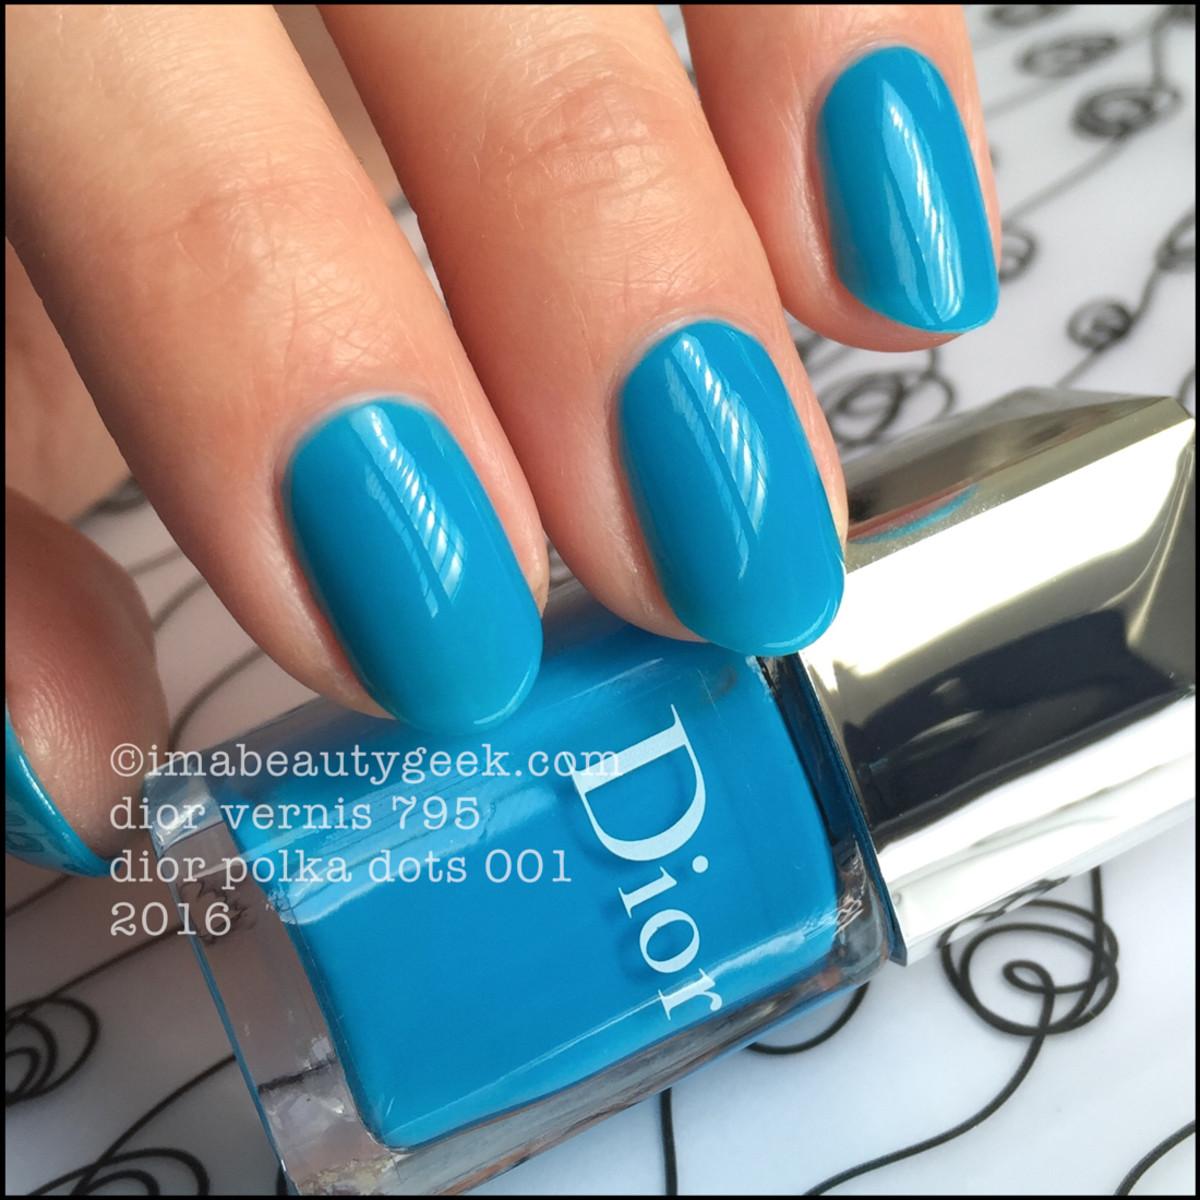 Dior Polka Dots 001_Dior Vernis 795 Summer 2016